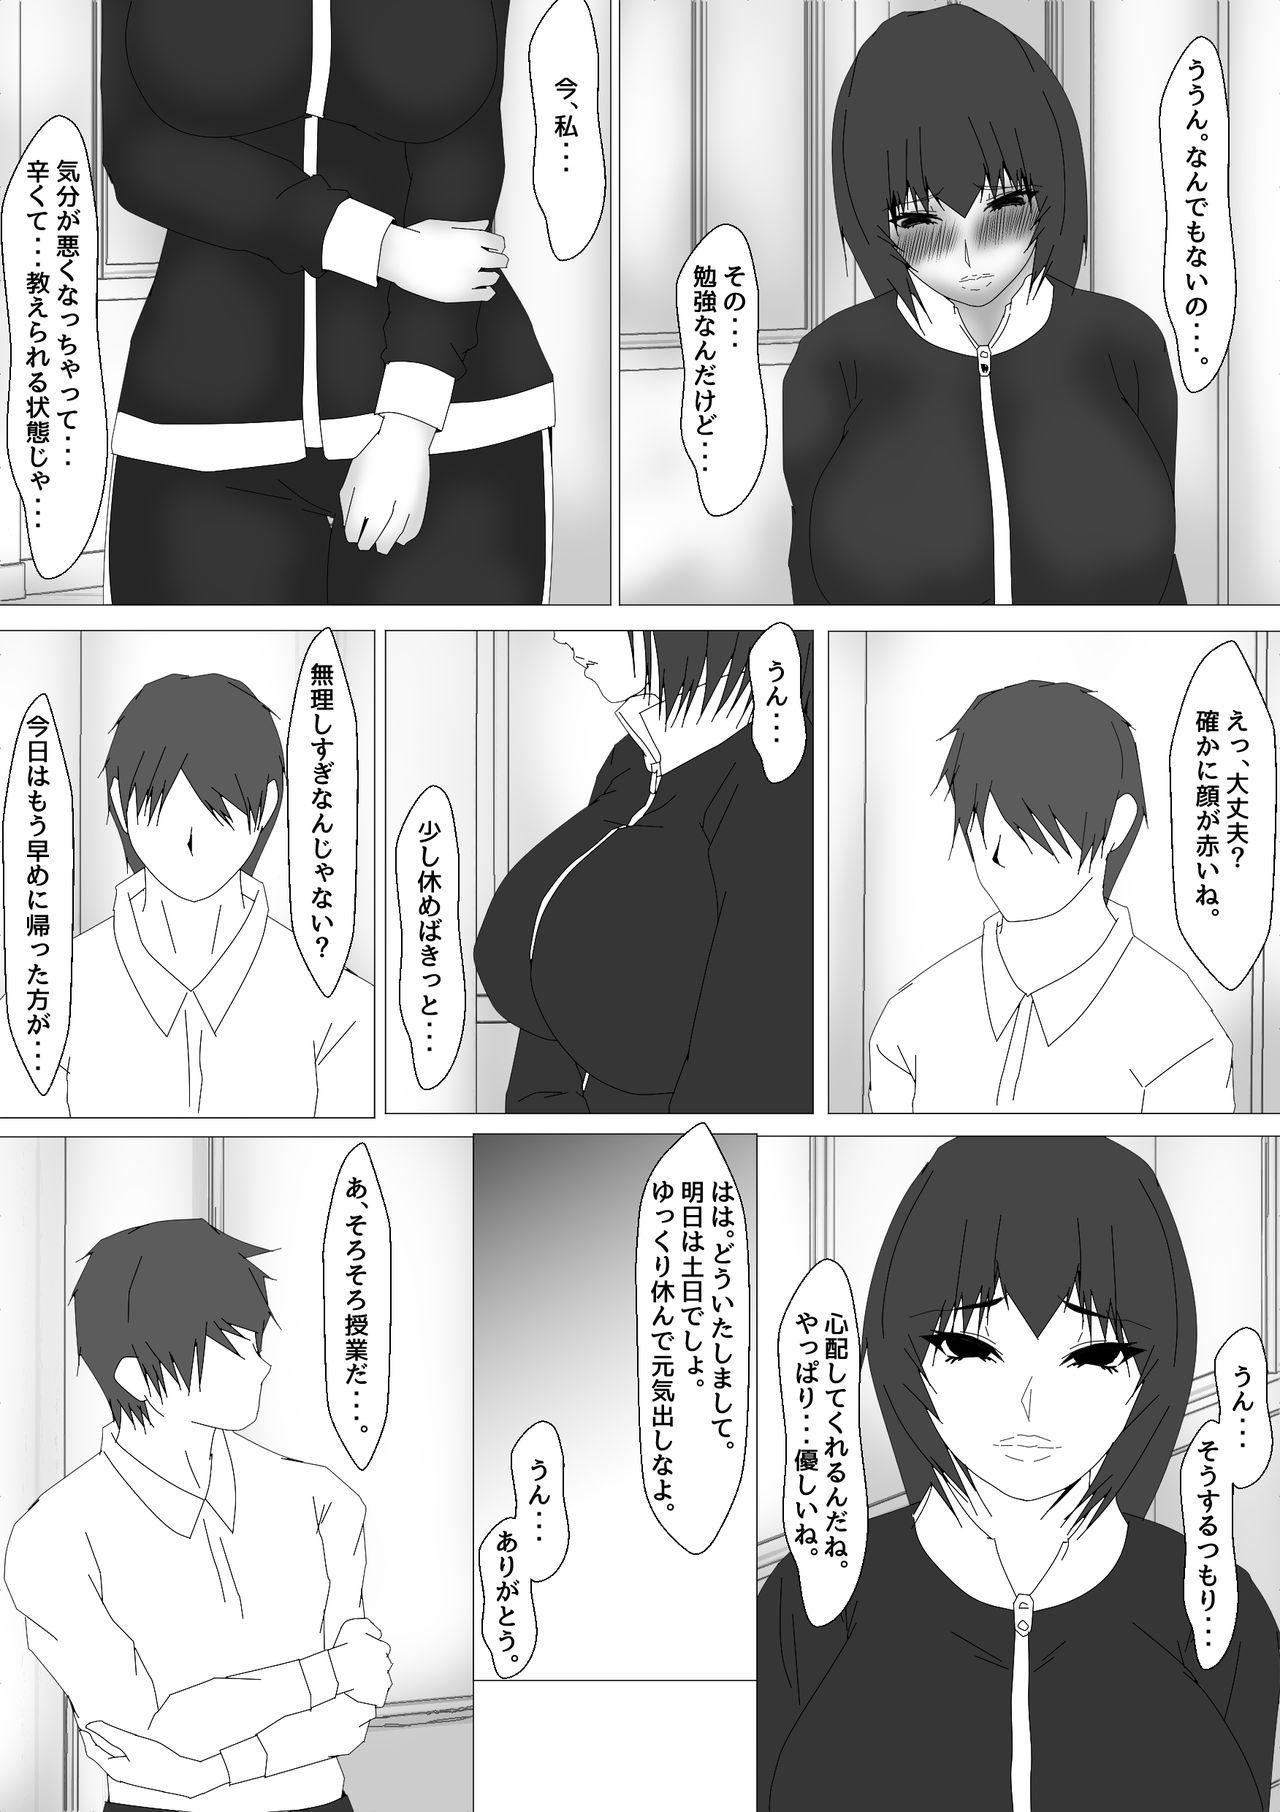 Onna Kyoushi Shinozaki Rin no Choukyou Kiroku 127